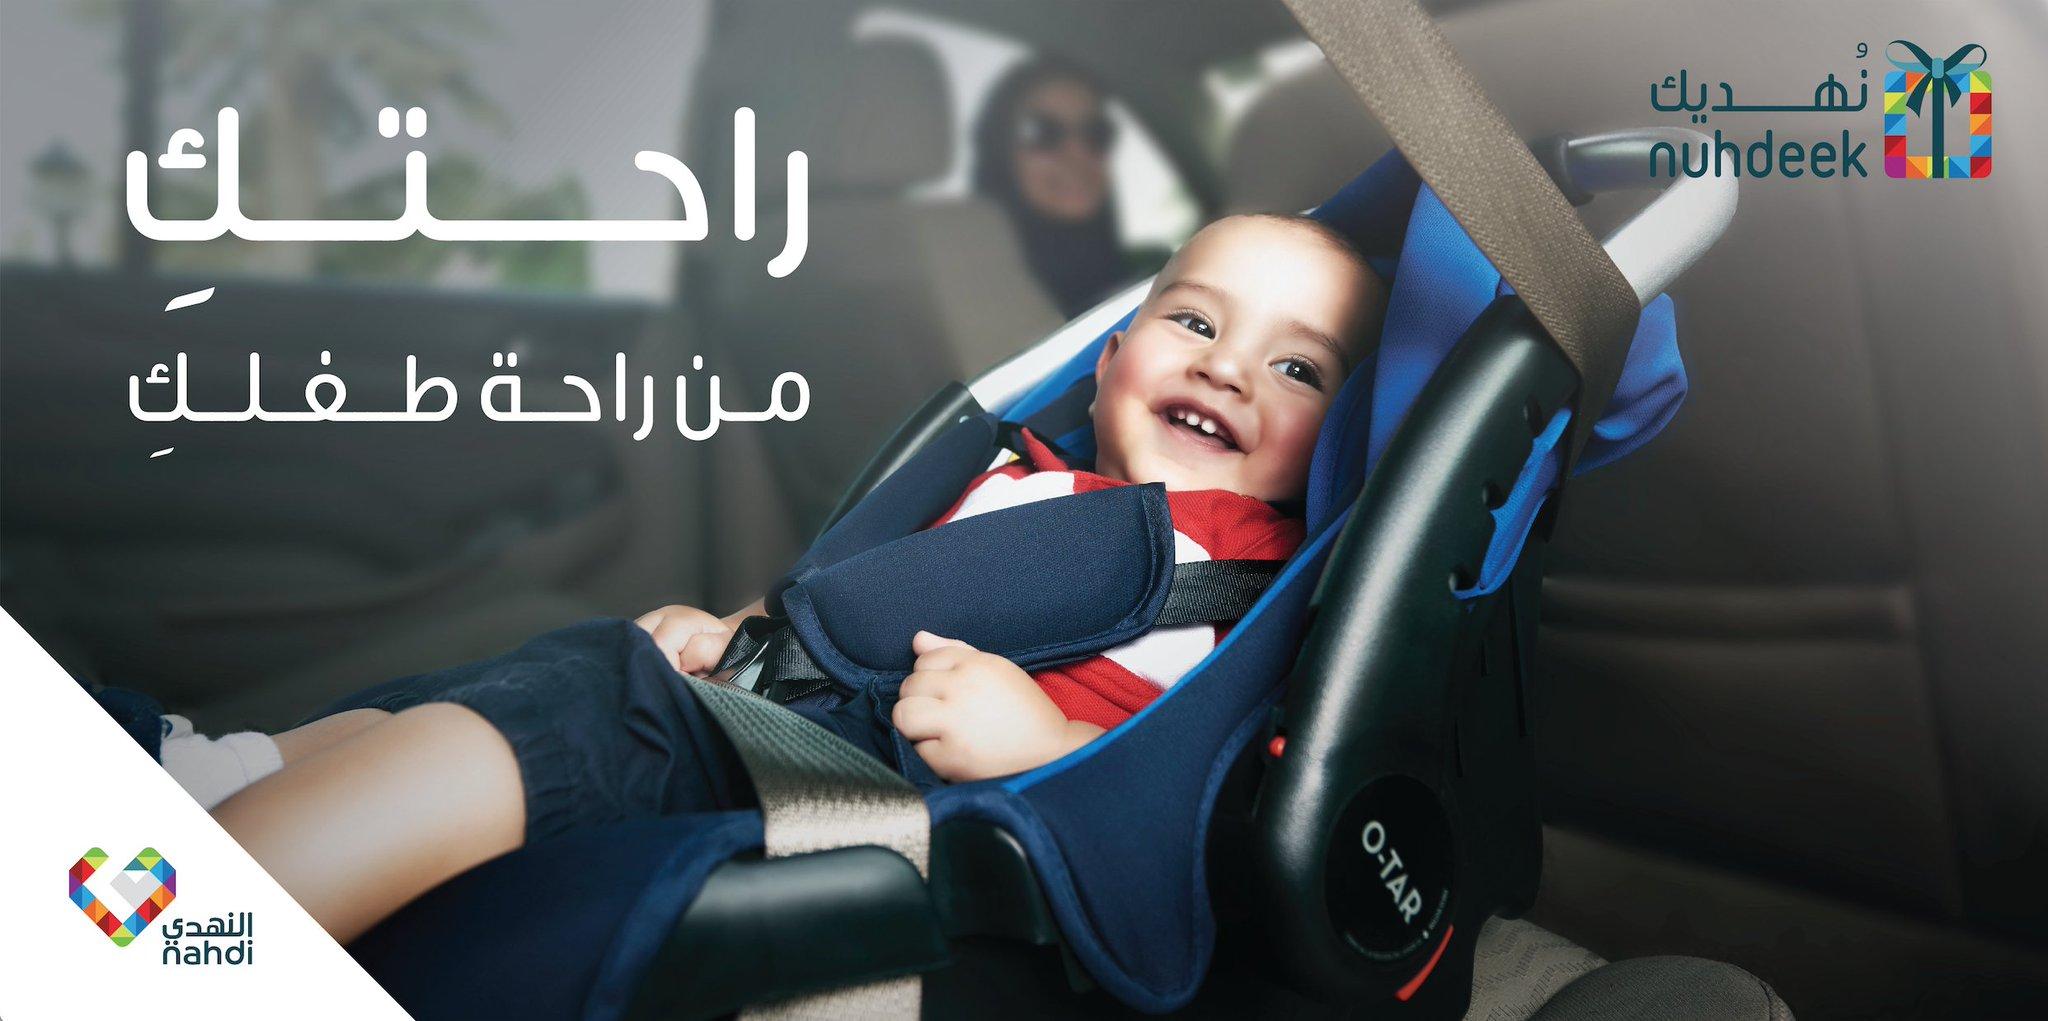 Nahdihope A Twitteren عشان راحتك من راحة طفلك لا تفوتي عرض كرسي السيارة للأطفال الخاص بعملاء ن هديك فقط من صيدليات النهدي مناسب من سن شهرين حتى 12 سنة ساري العرض حتى 31